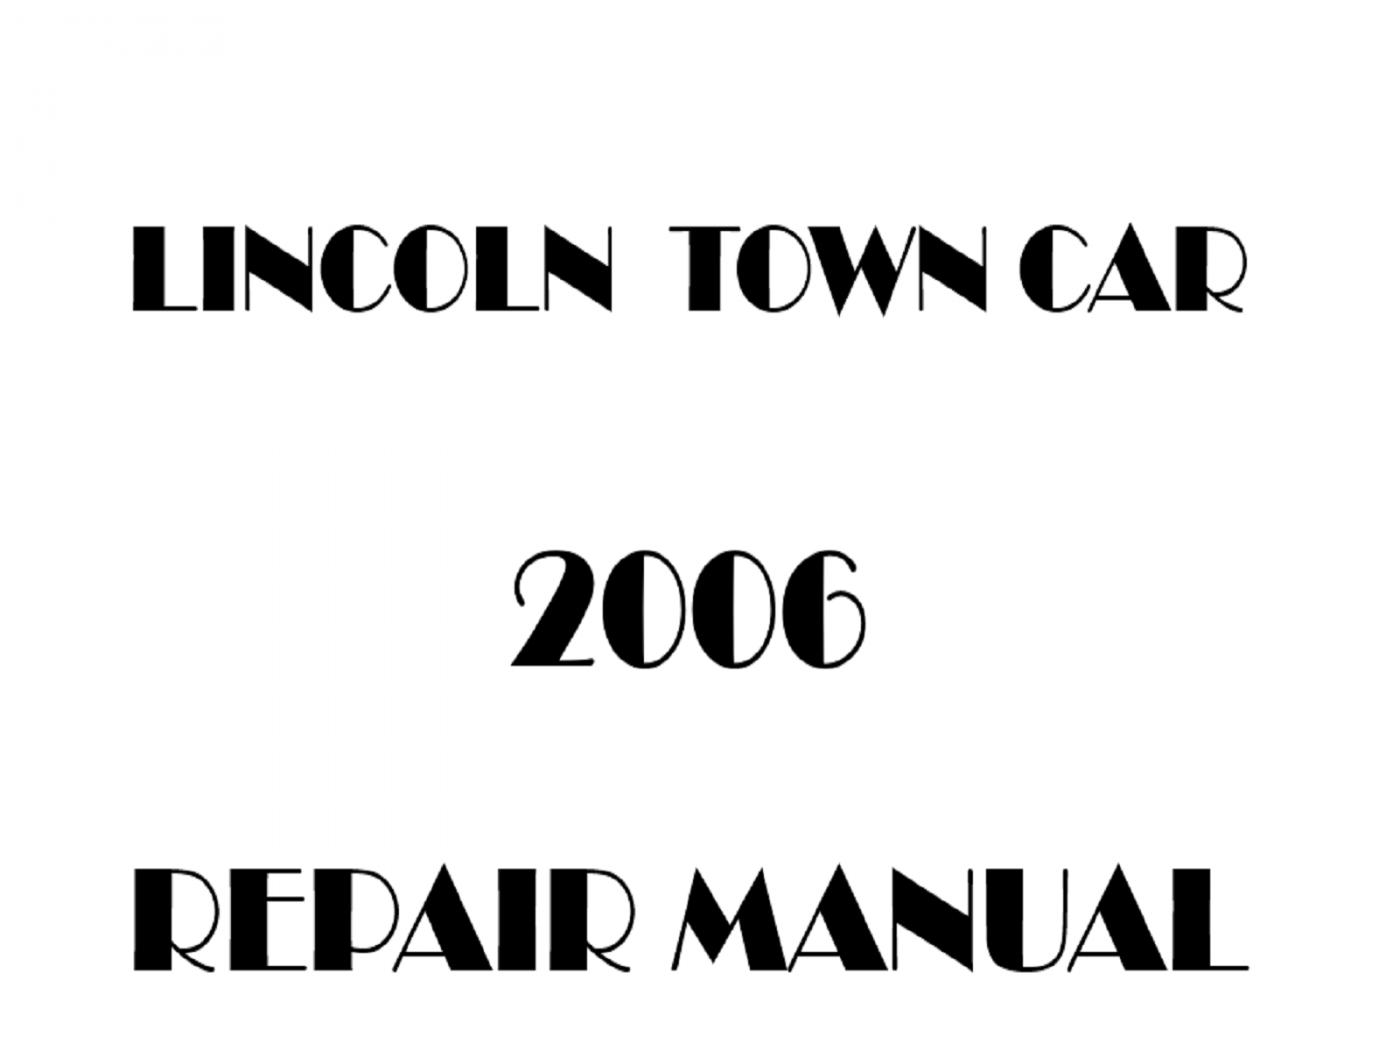 2006 Lincoln Town Car repair manual